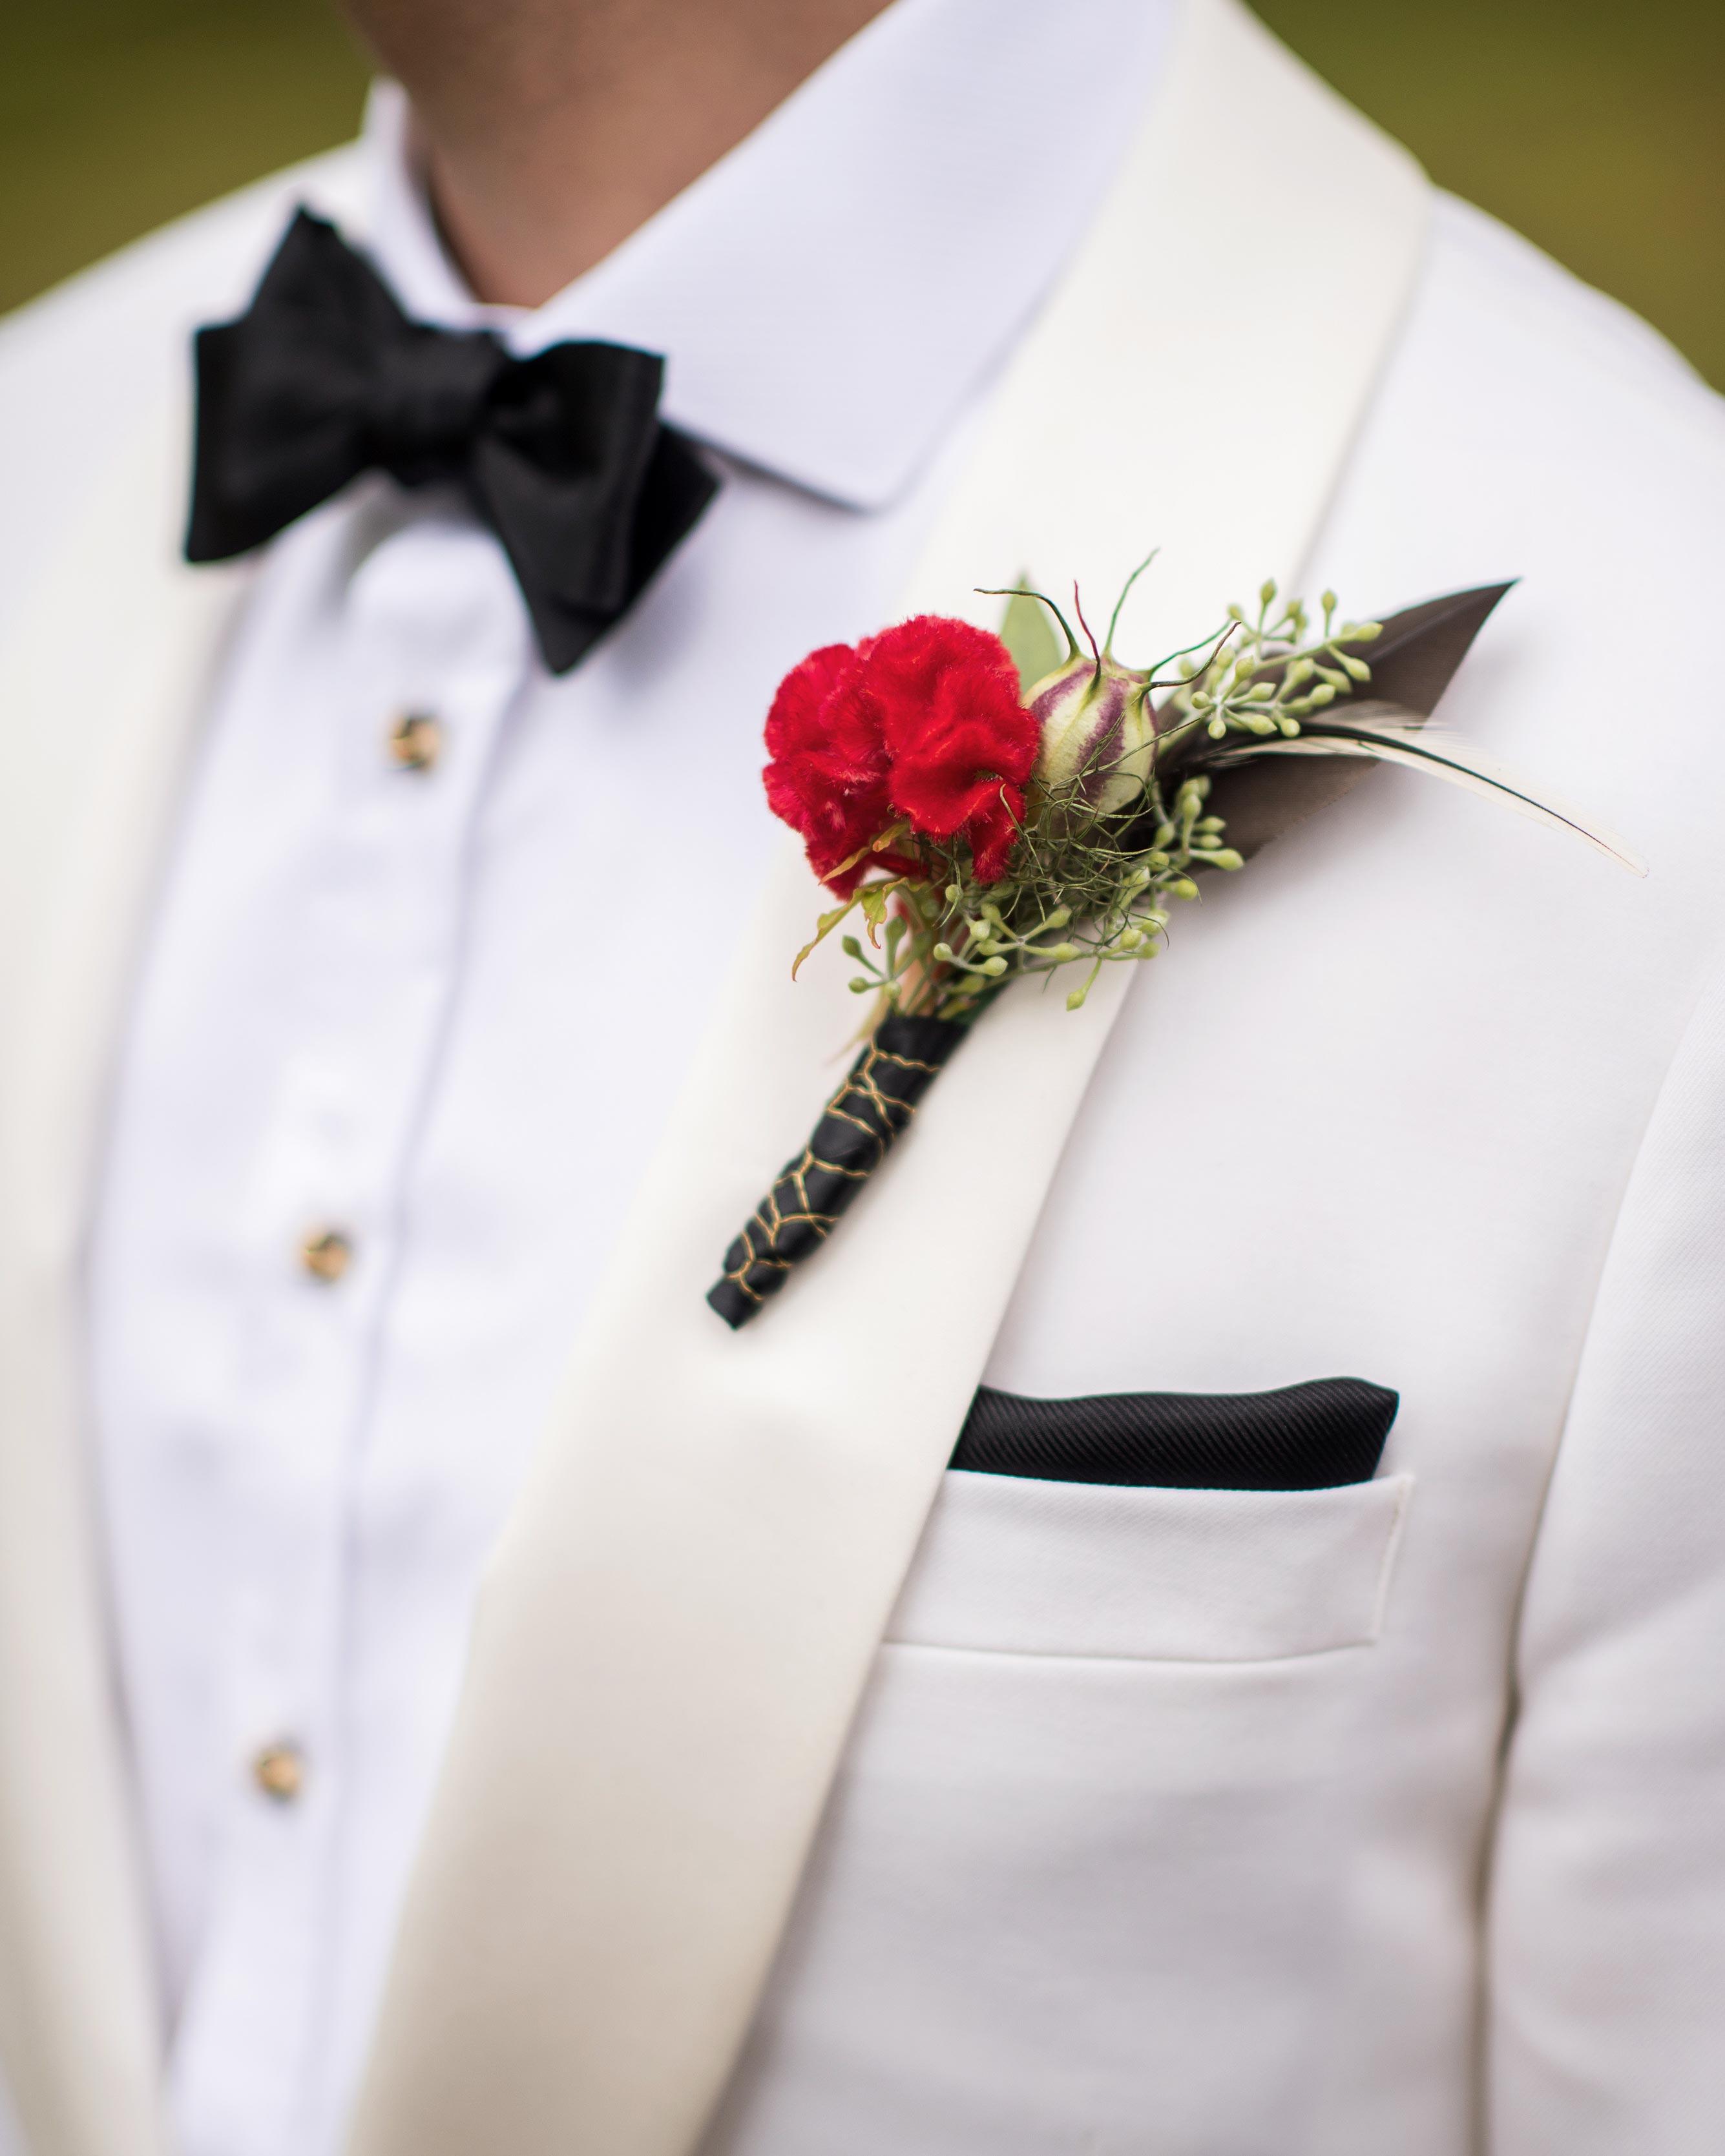 christopher-stephen-wedding-boutonniere-0351-s112787-0416.jpg